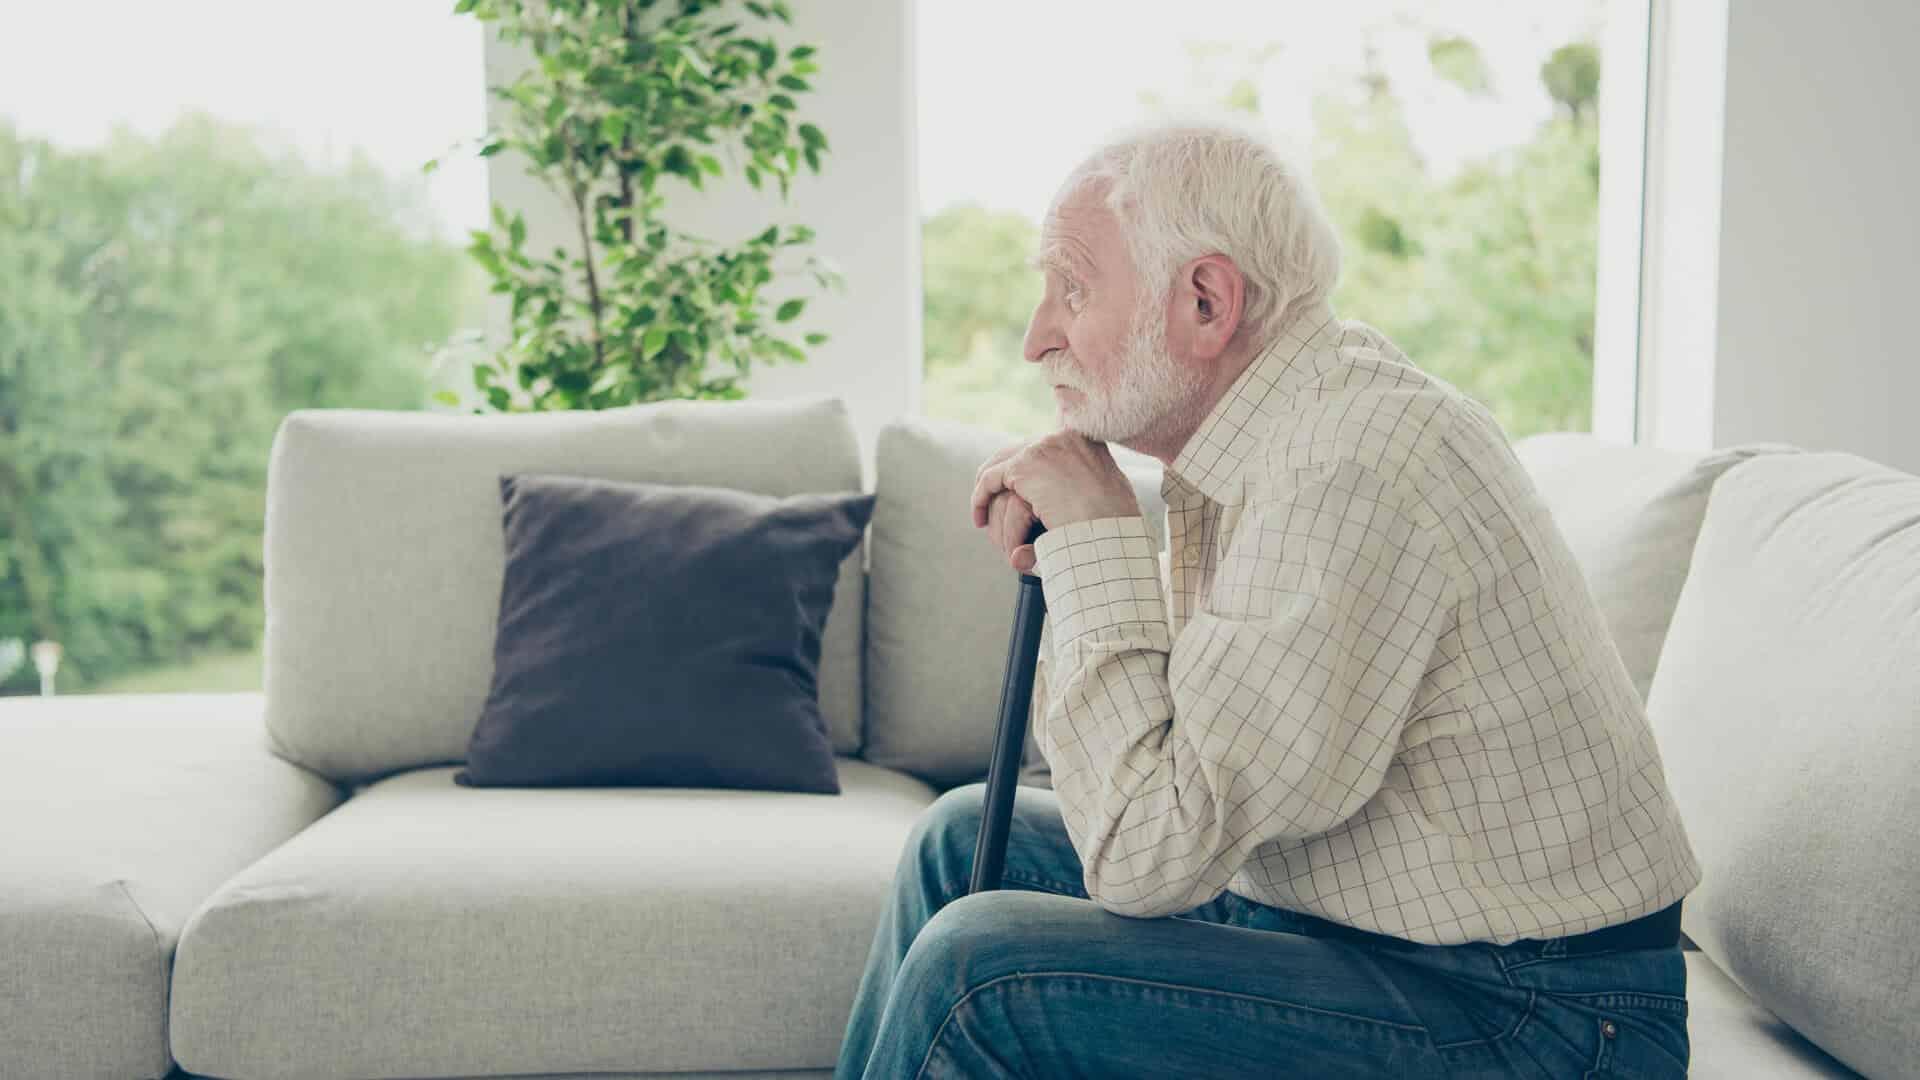 5 Dangers Seniors Face When Living Alone - Vitality Senior Living